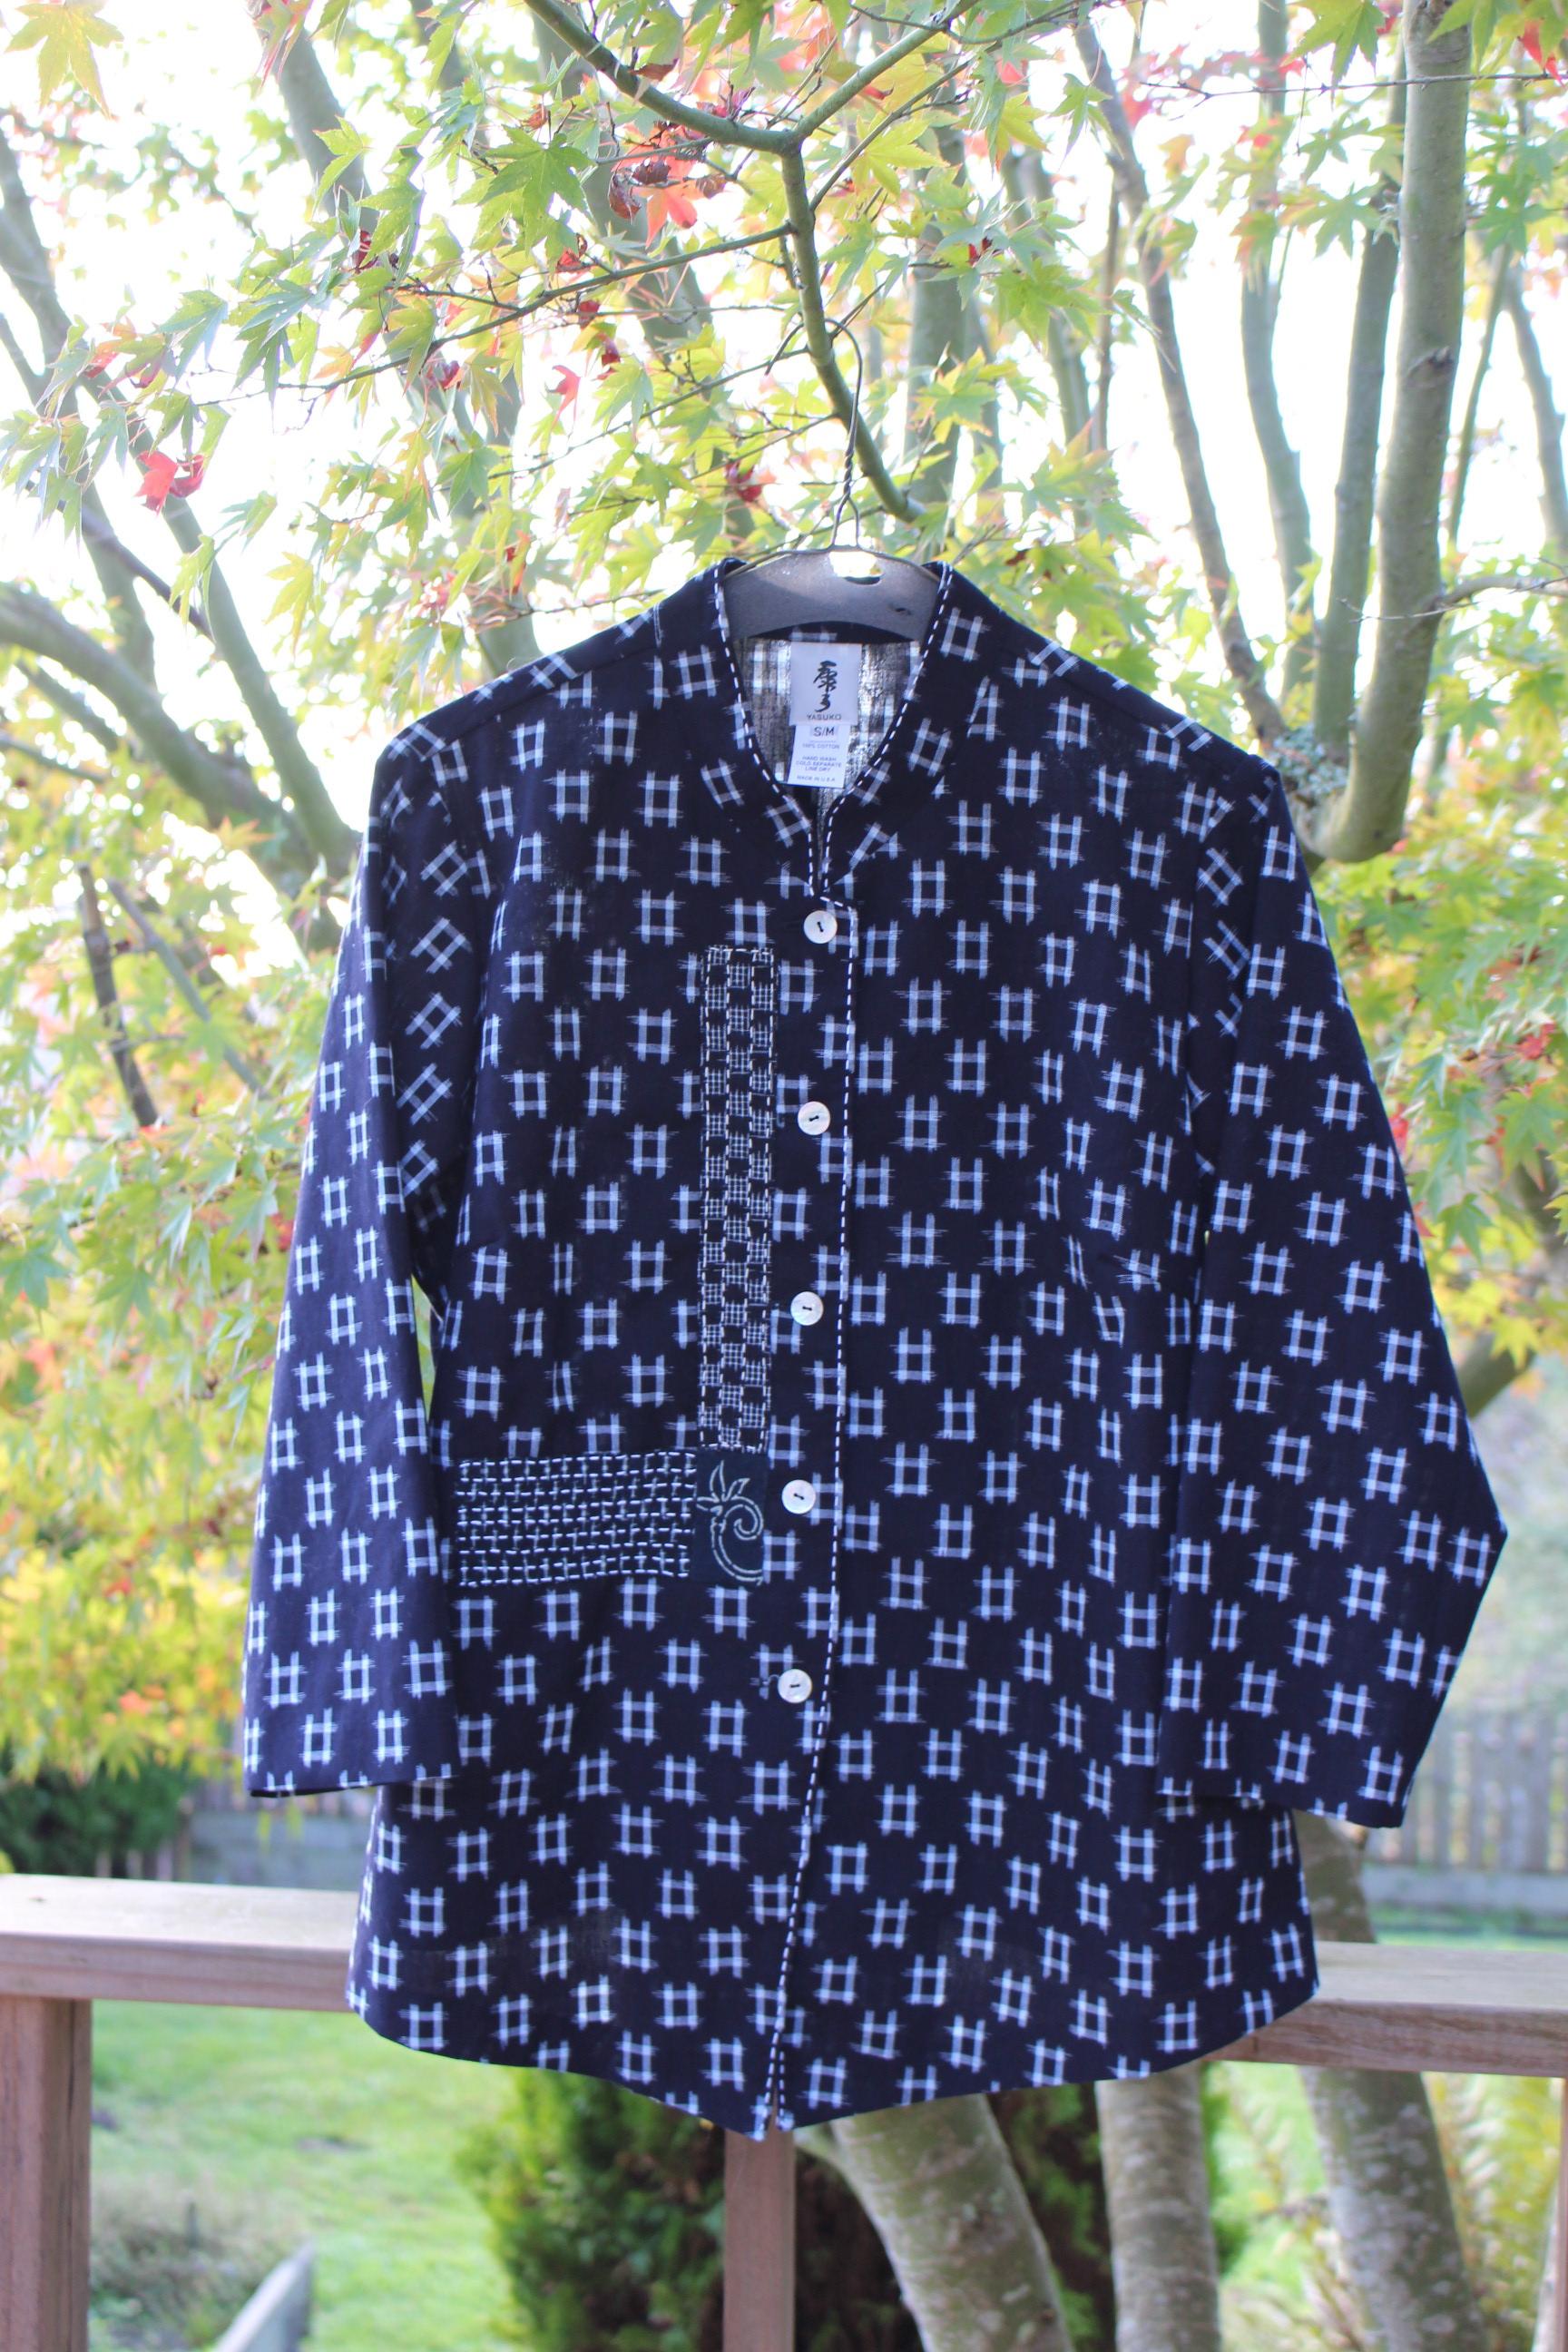 Mao Collar Blouse - Vintage cotton kasuri with sashiko stitch